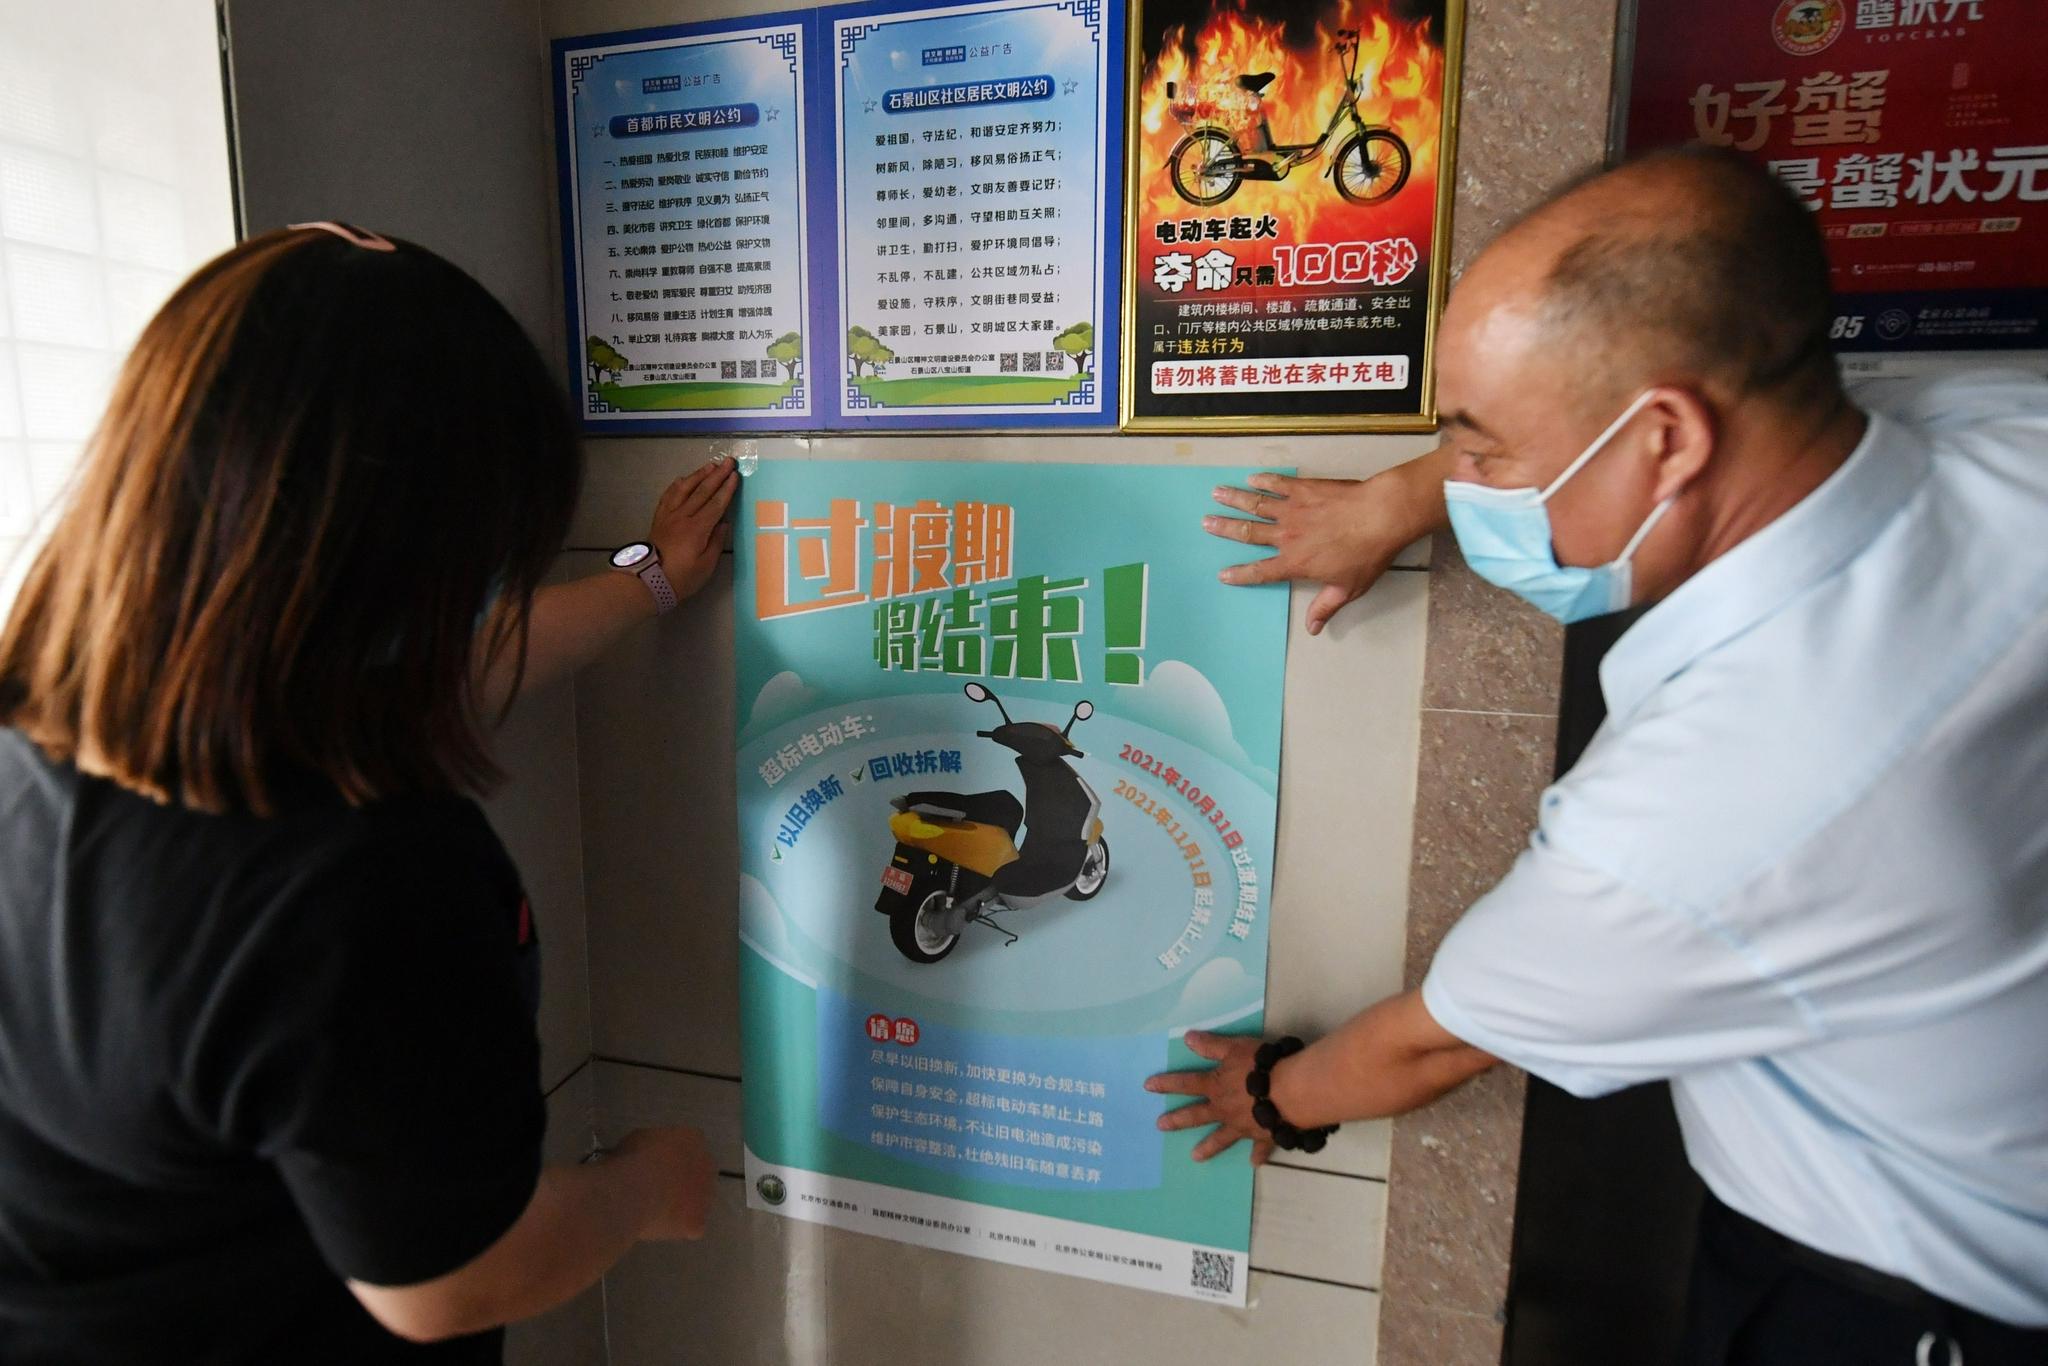 工作人员在居民楼里贴超标电动车过渡期将结束提示牌。新京报记者 王贵彬 摄